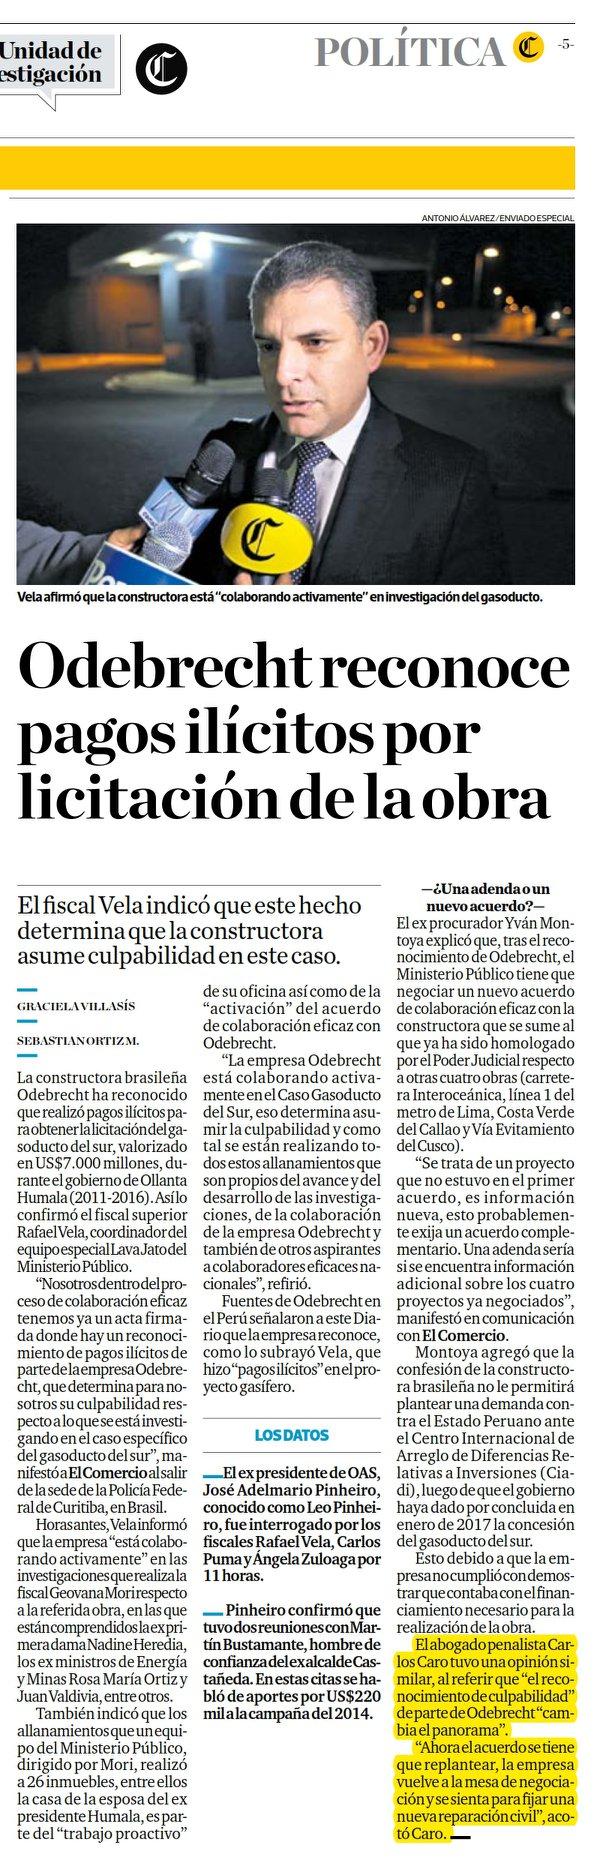 Odebrecht Ha Reconocido Recientemente, Que Hubieron Pagos Ilícitos Para Obtener La Licitación Del Gasoducto Del Sur.